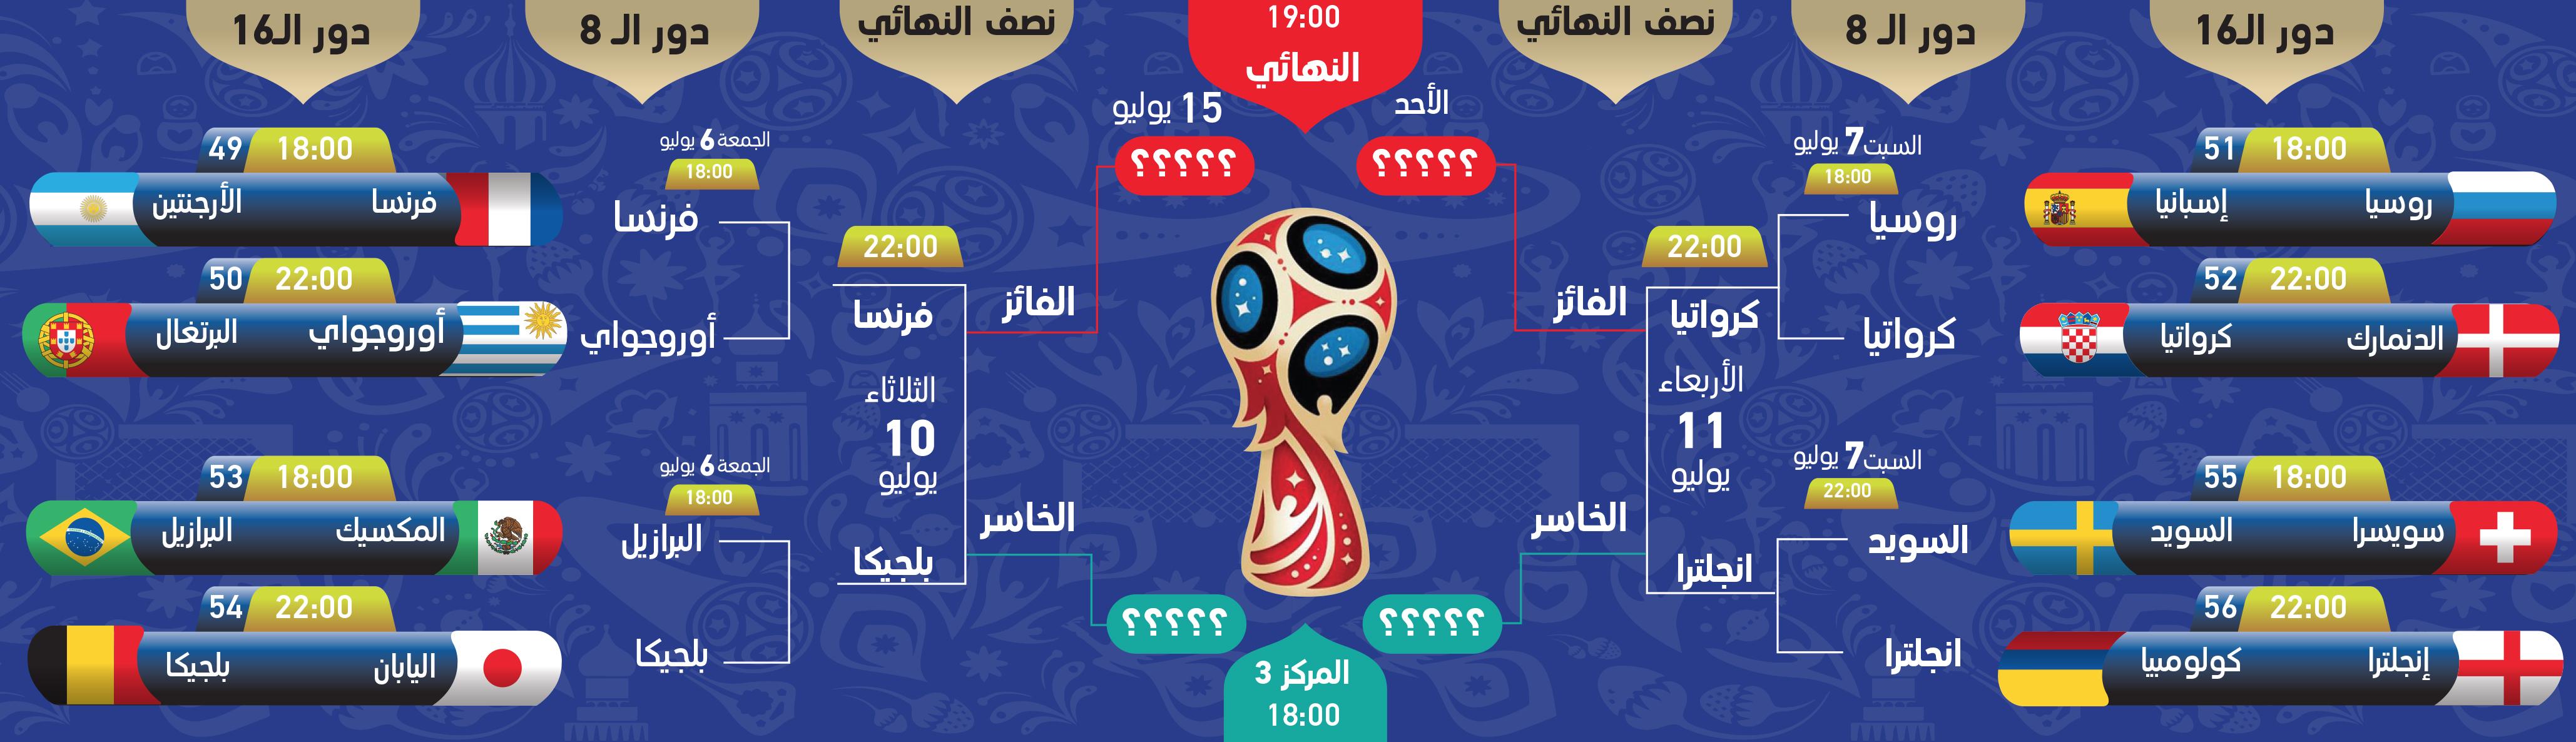 بالفيديو جدول مباريات الدور نصف النهائي لكأس العالم روسيا 2018